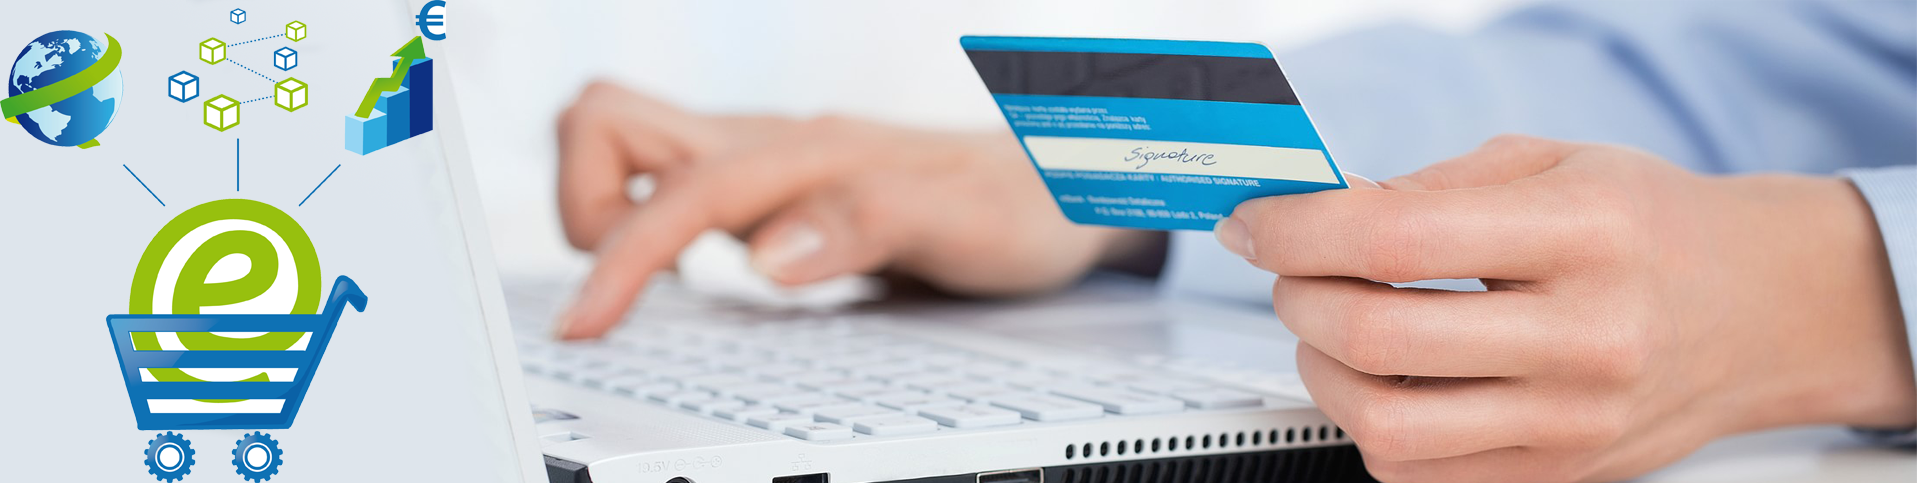 e-commerce online shopping solution